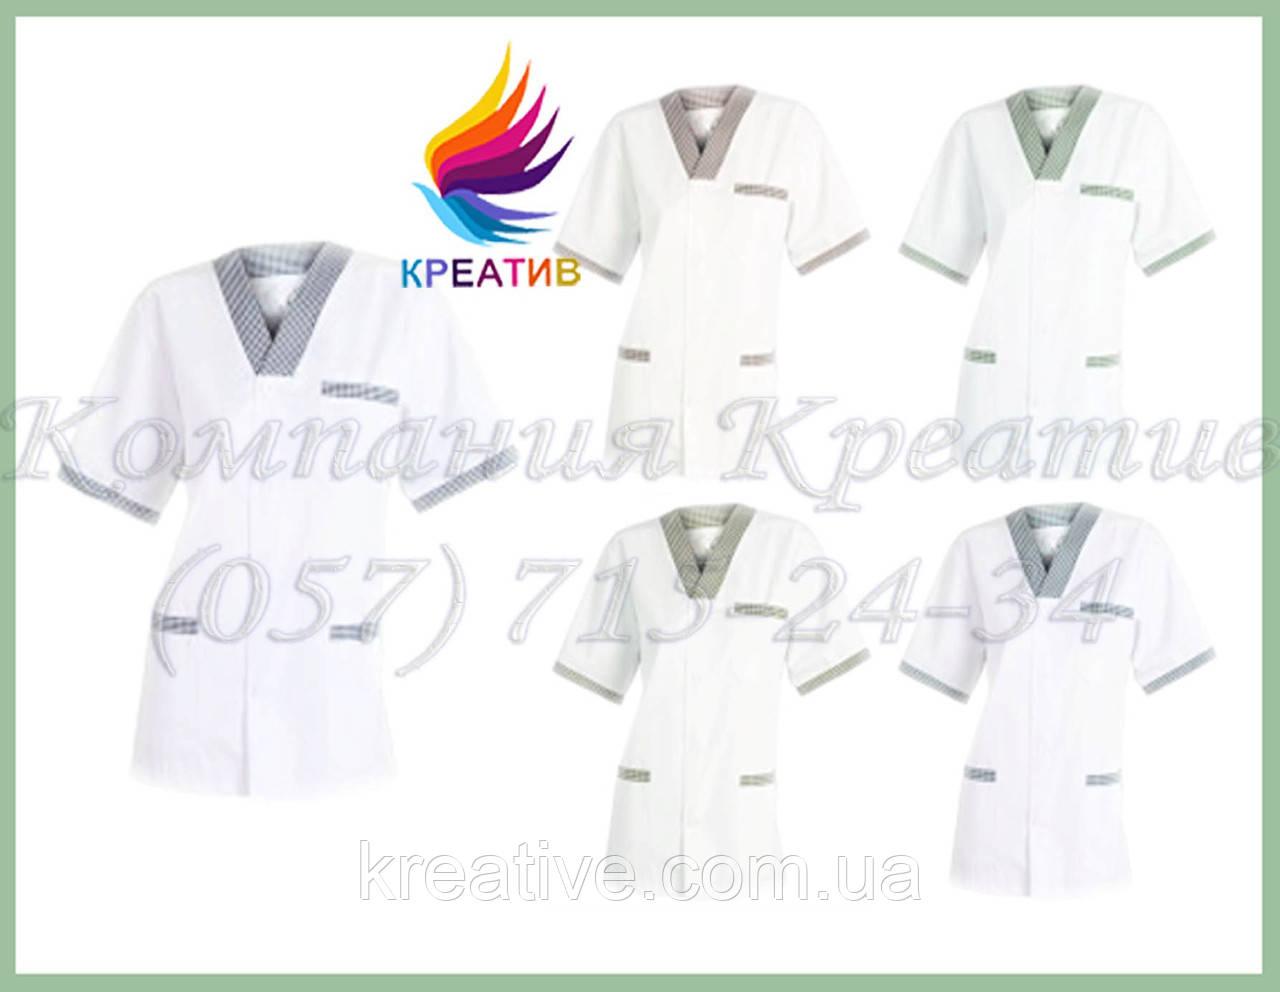 Стильная медицинская куртка под заказ (от 50 шт.)